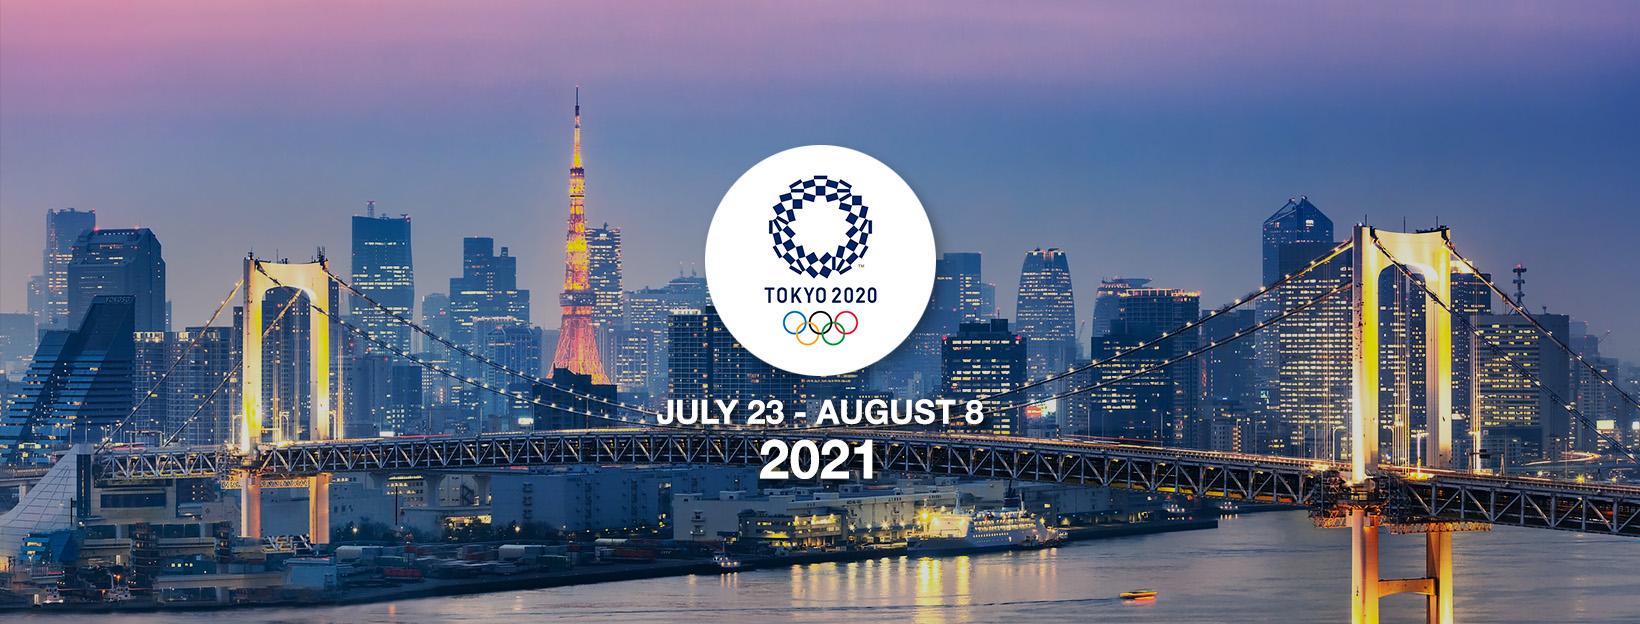 Japón ha invertido $250 mil millones de pesos en infraestructura para Juegos Olímpicos